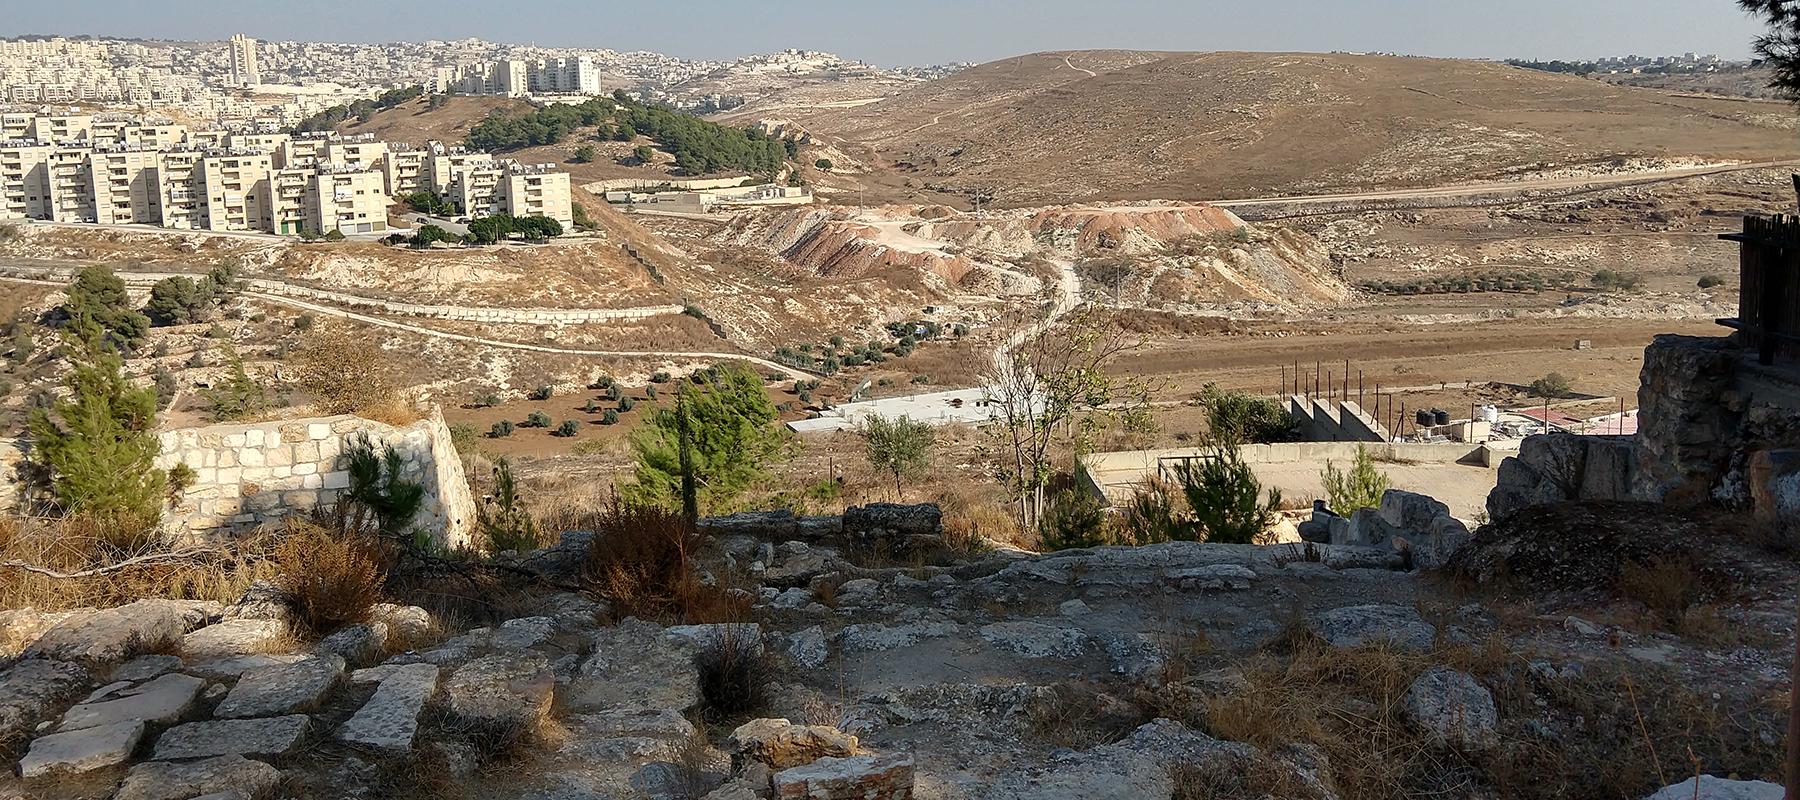 Shepherds' field in Bethlehem